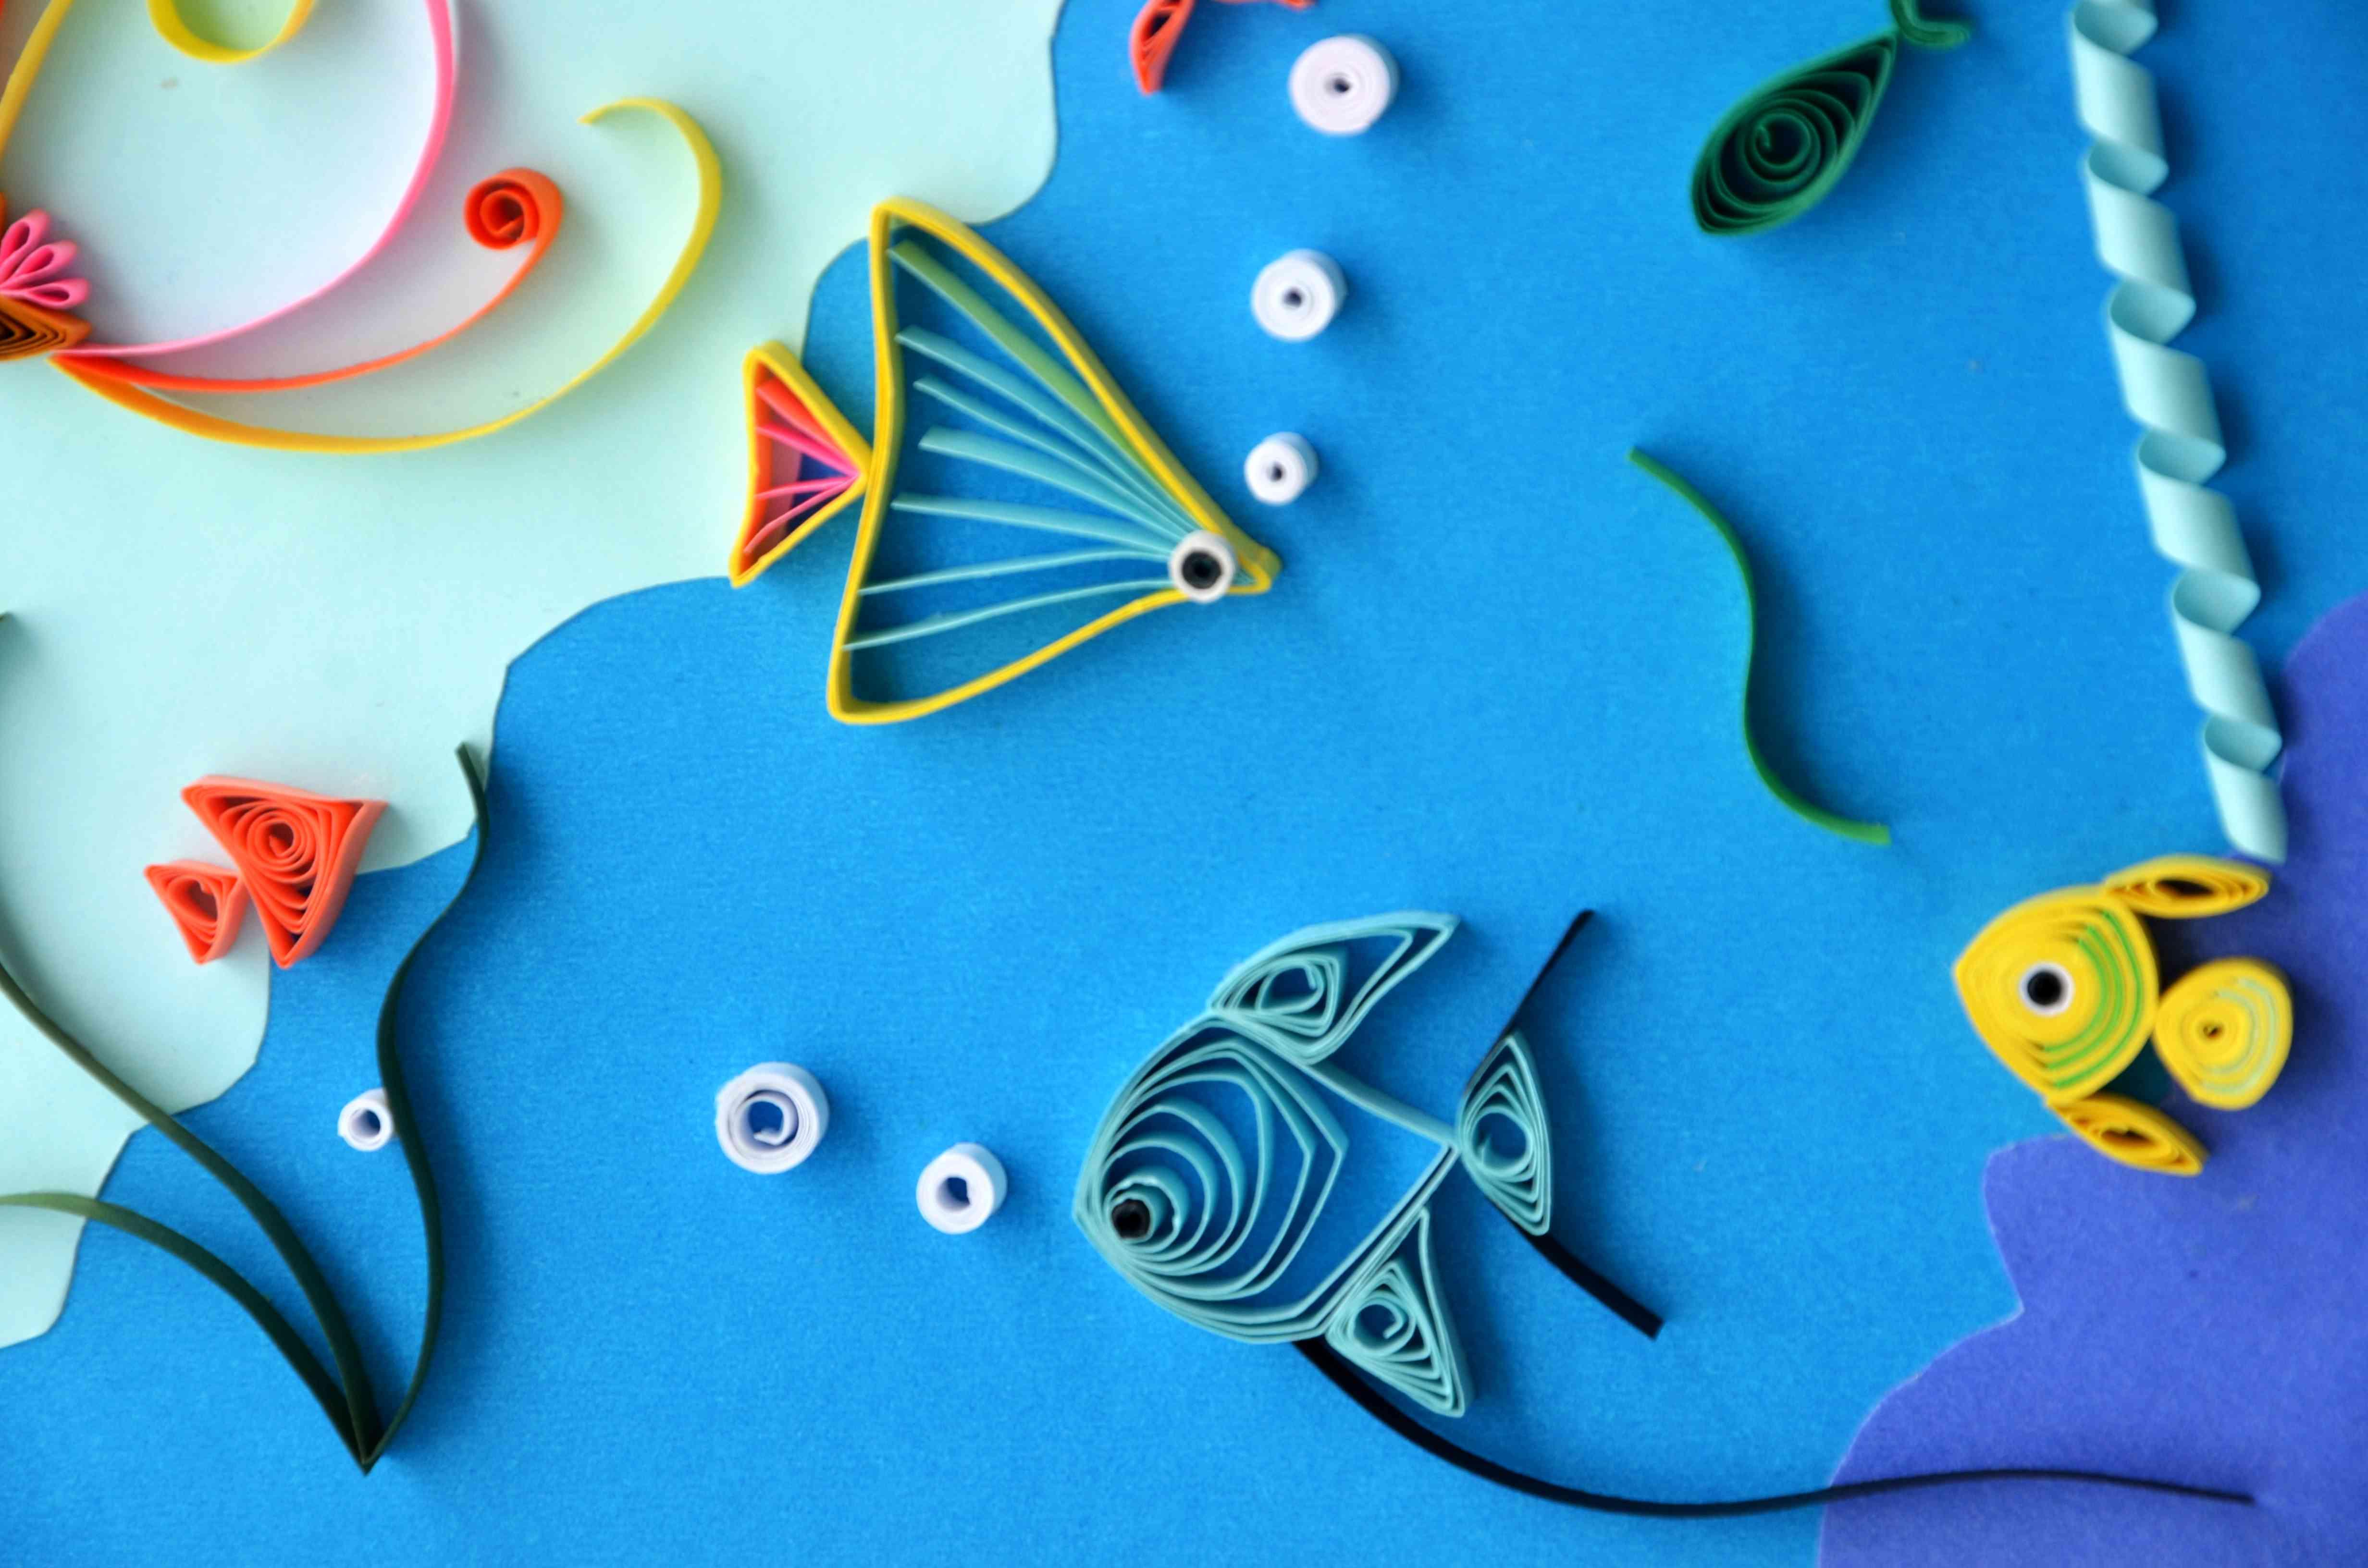 海底世界儿童手工作品,海底世界卡纸手工制作,海底世界手工作品,手工